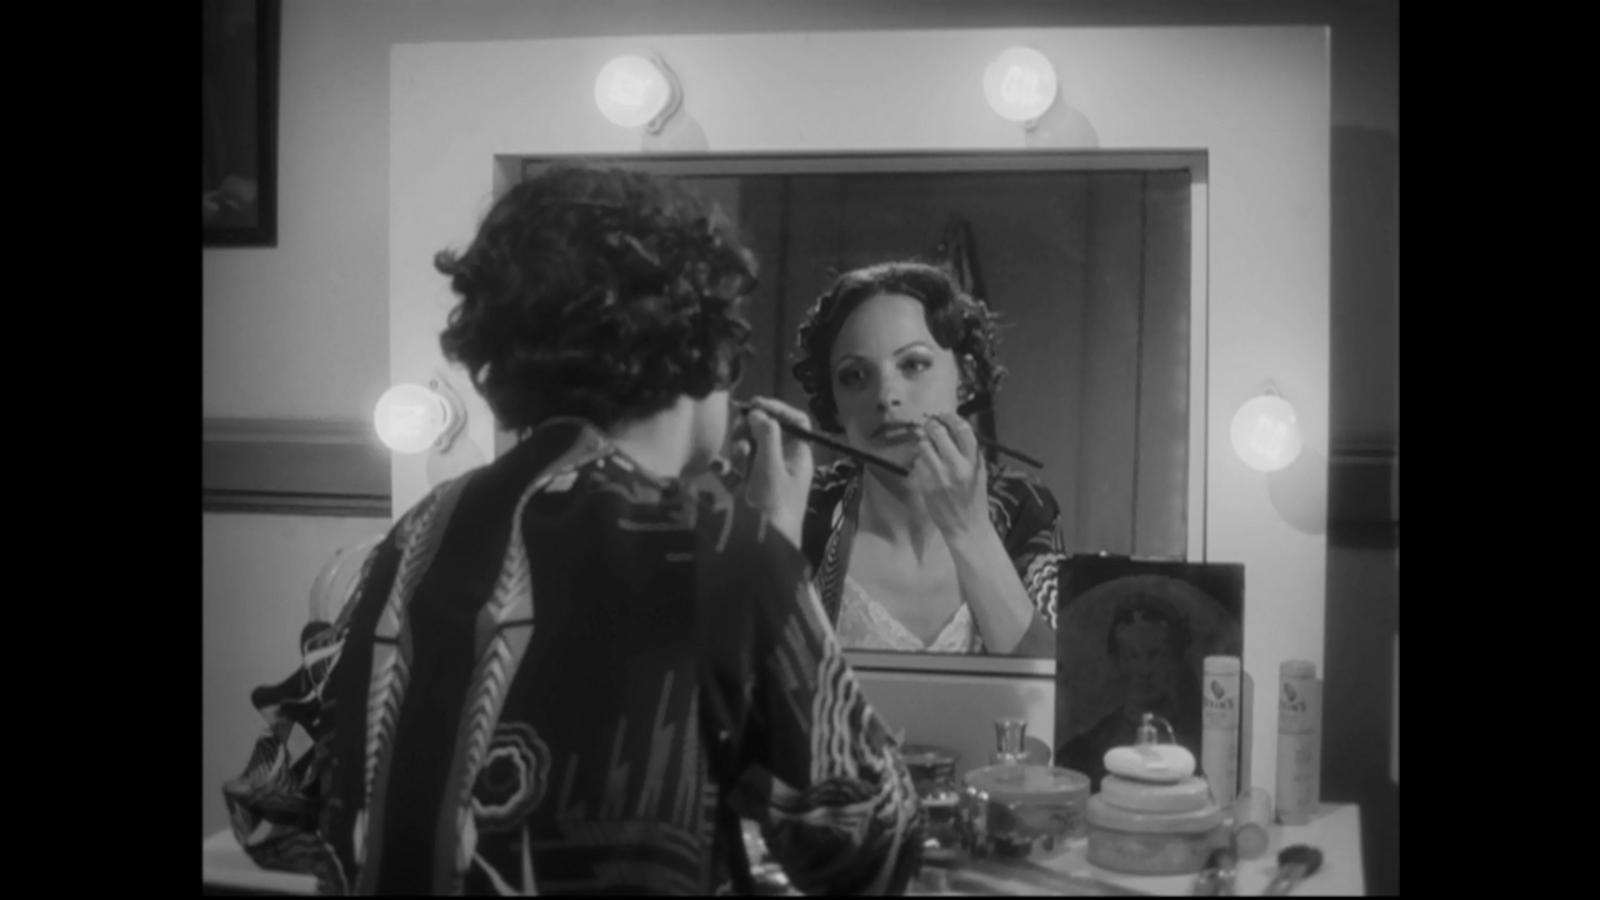 Silence a tourne octobre 2012 for Regarde toi dans un miroir